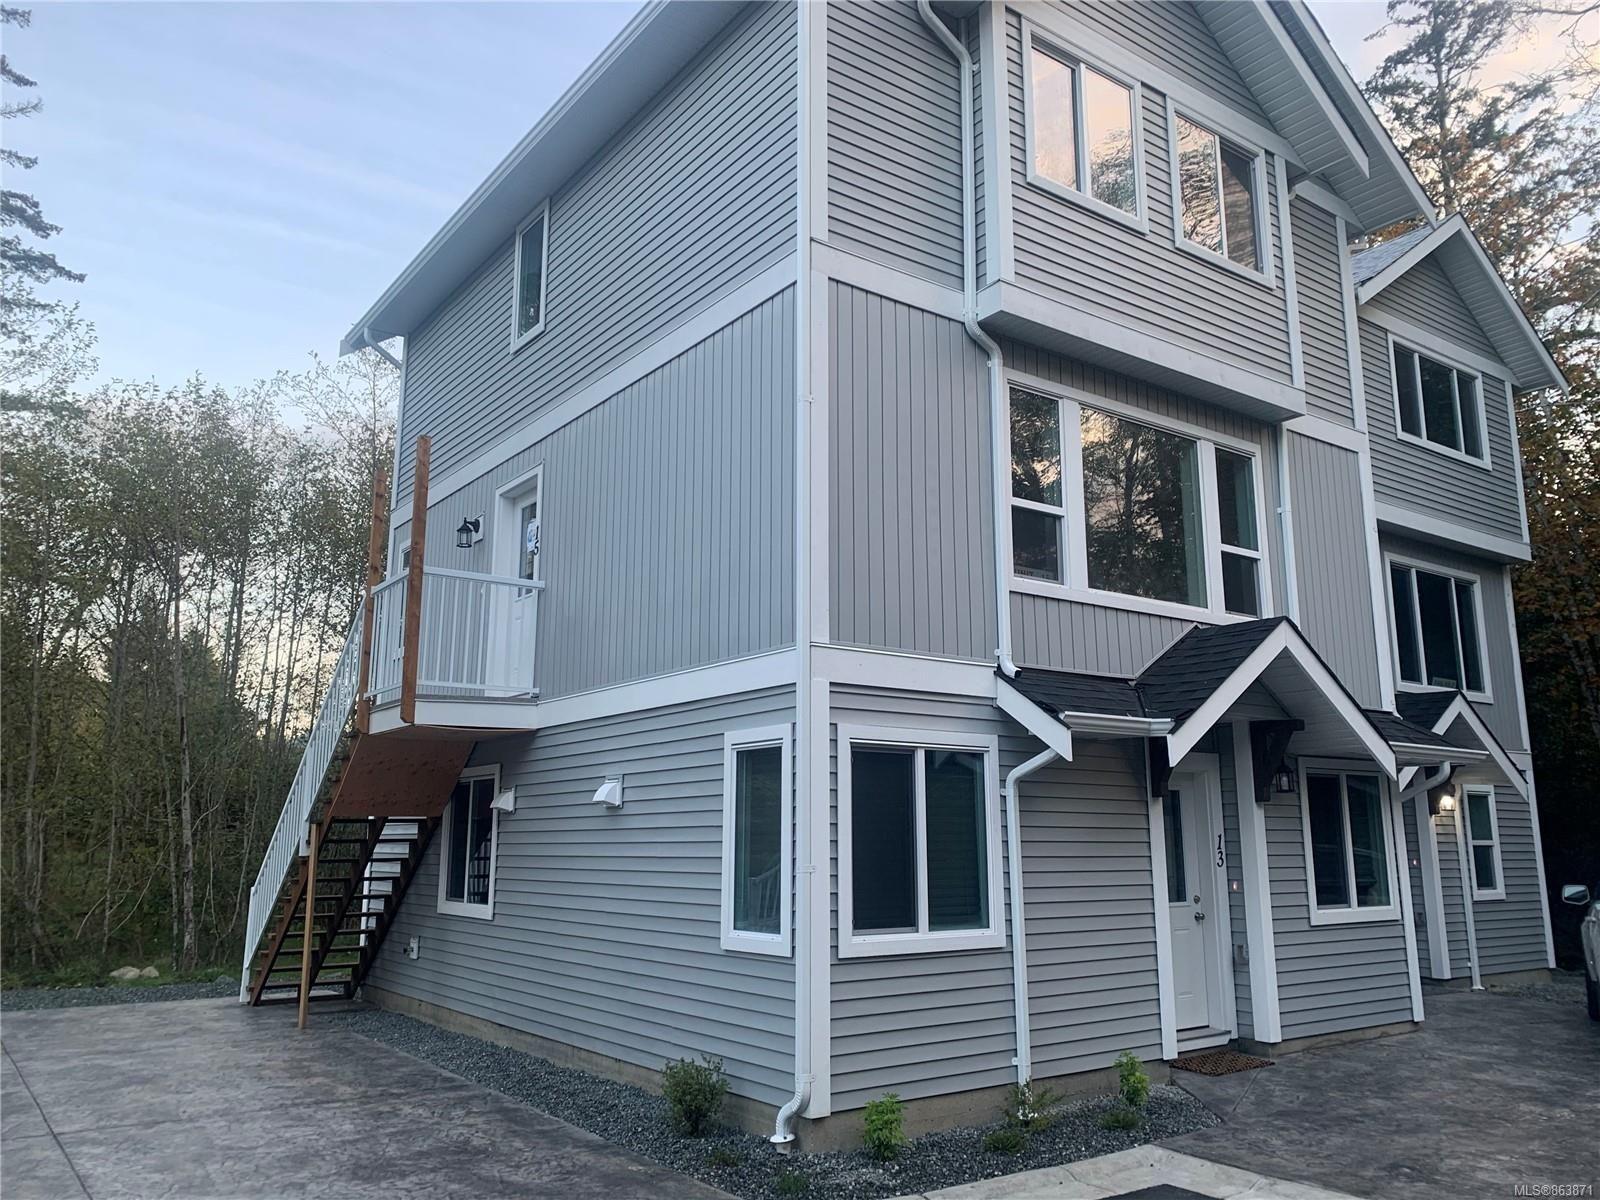 Main Photo: 15 6790 W Grant Rd in : Sk Sooke Vill Core Row/Townhouse for sale (Sooke)  : MLS®# 863871